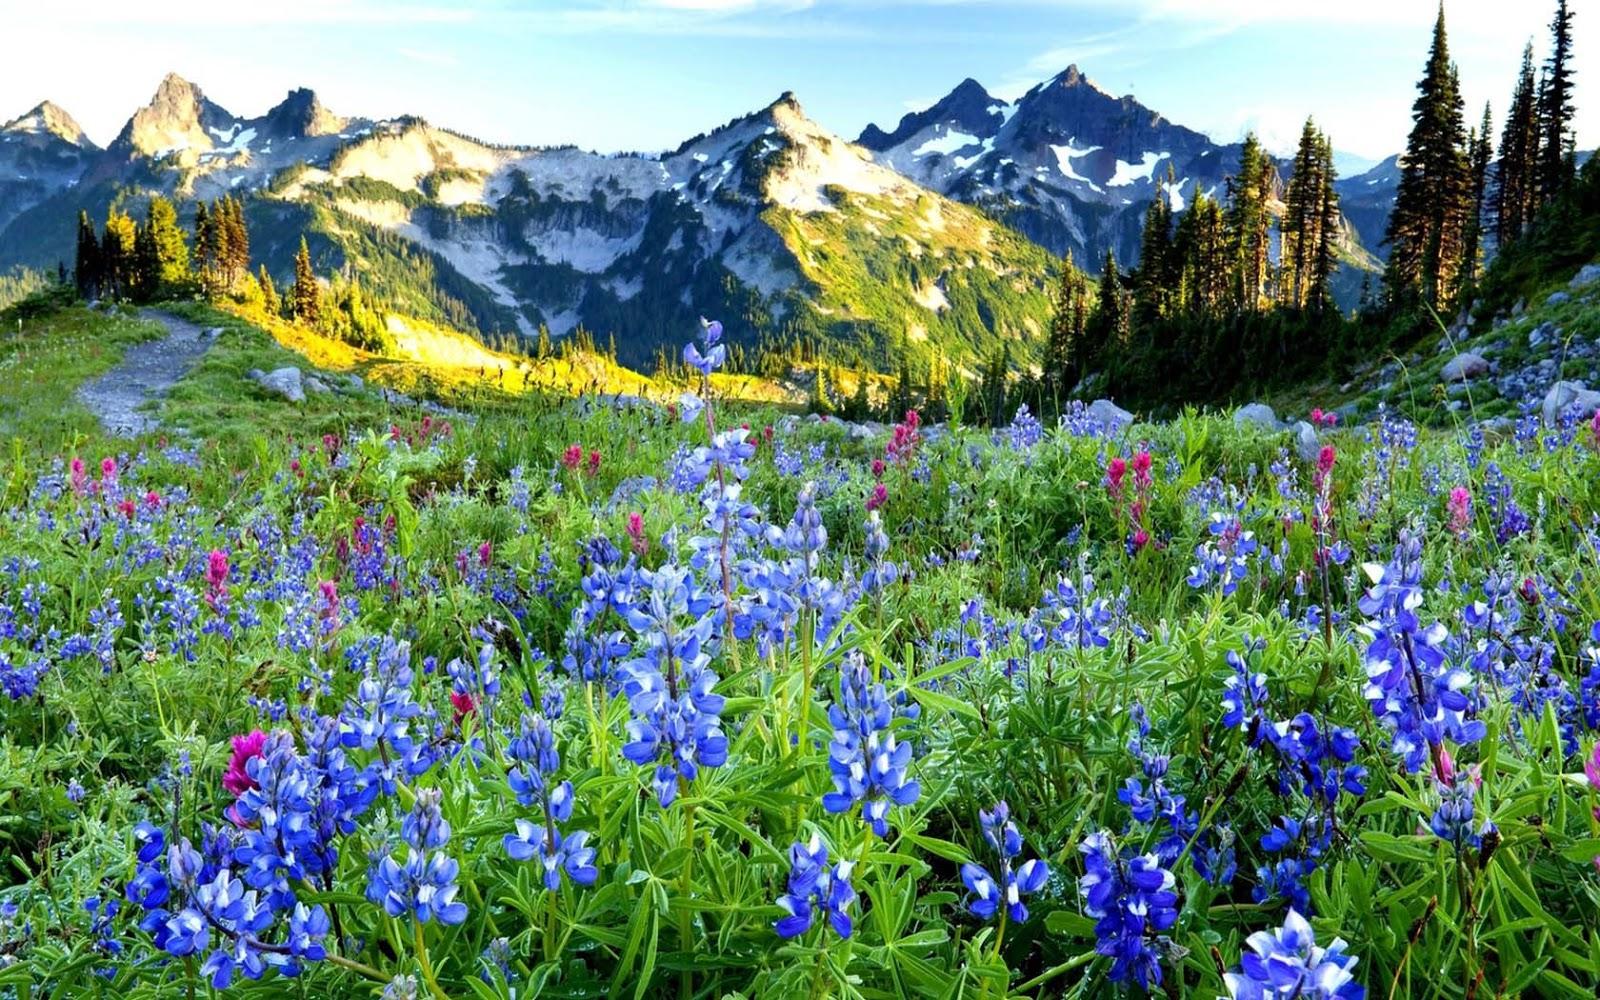 lente-bureaublad-achtergrond-met-bloemen-in-bloei.jpg